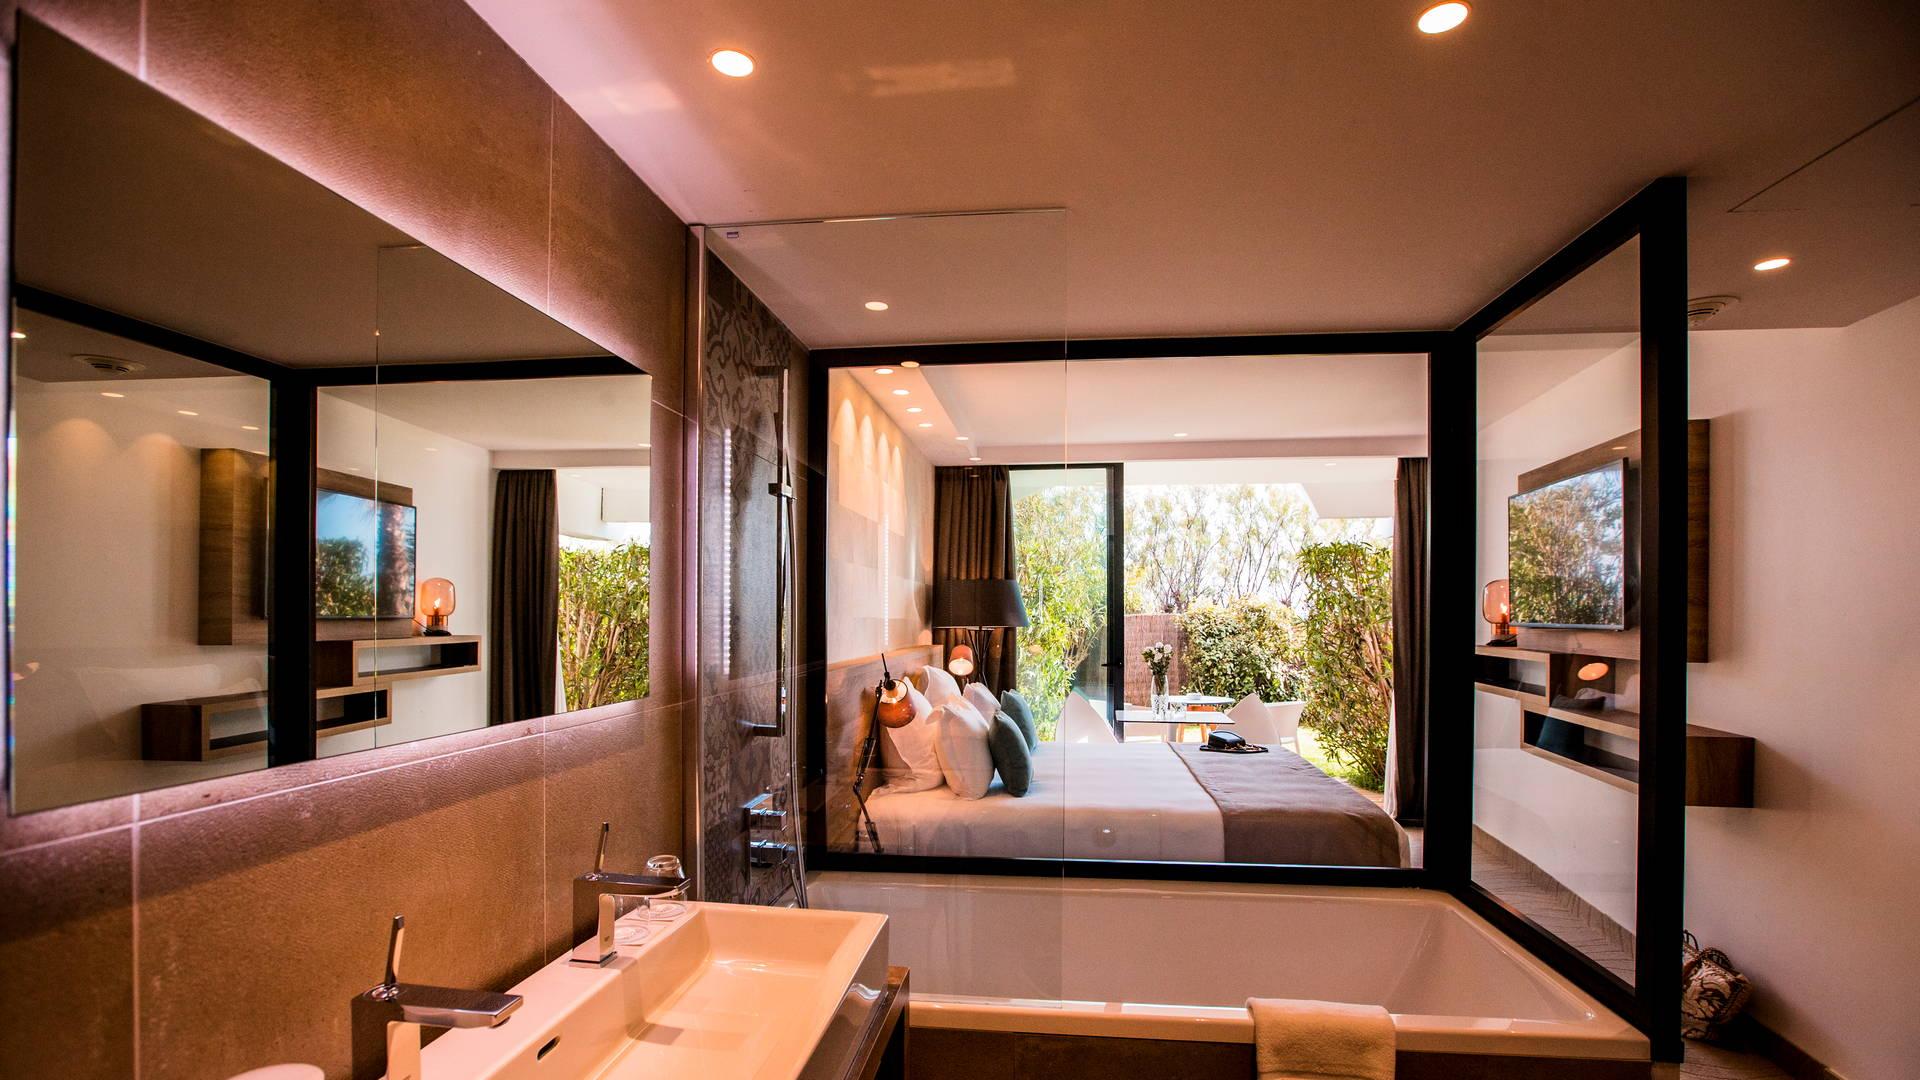 La chambre classique est une véritable bulle de sérénité propice à la relaxation avec terrasse et jardin privatif, Hôtel de Charme bord de mer, Hôtel La Plage.